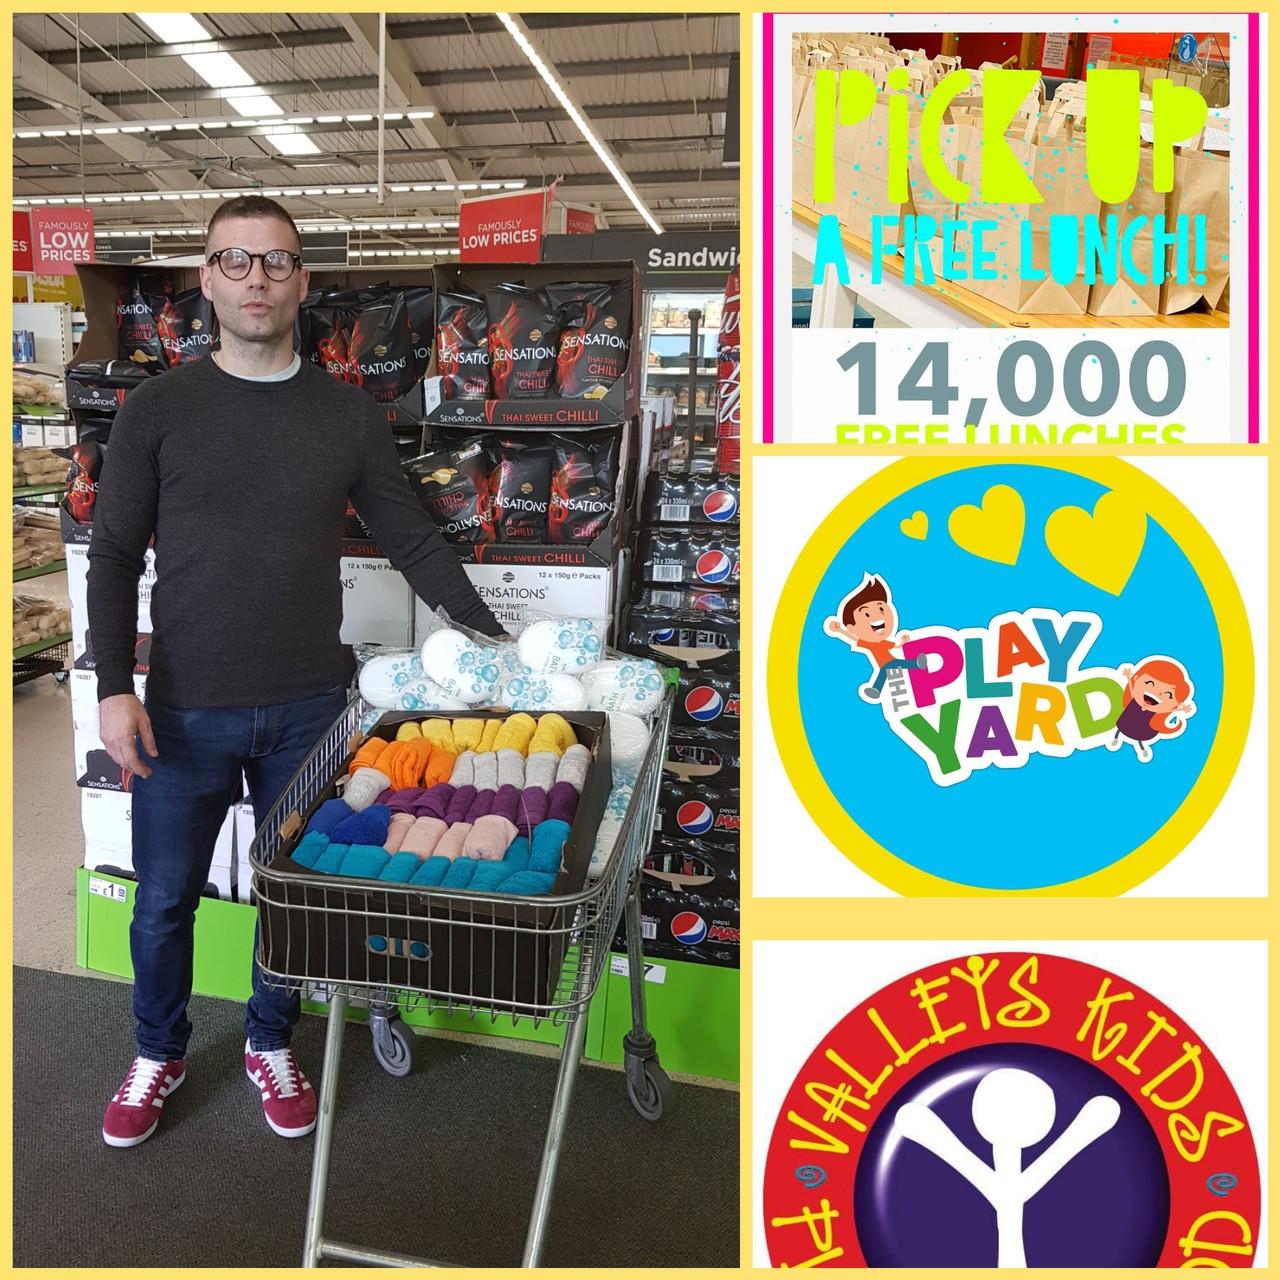 Play Yard and Valleys Kids donation | Asda Tonypandy